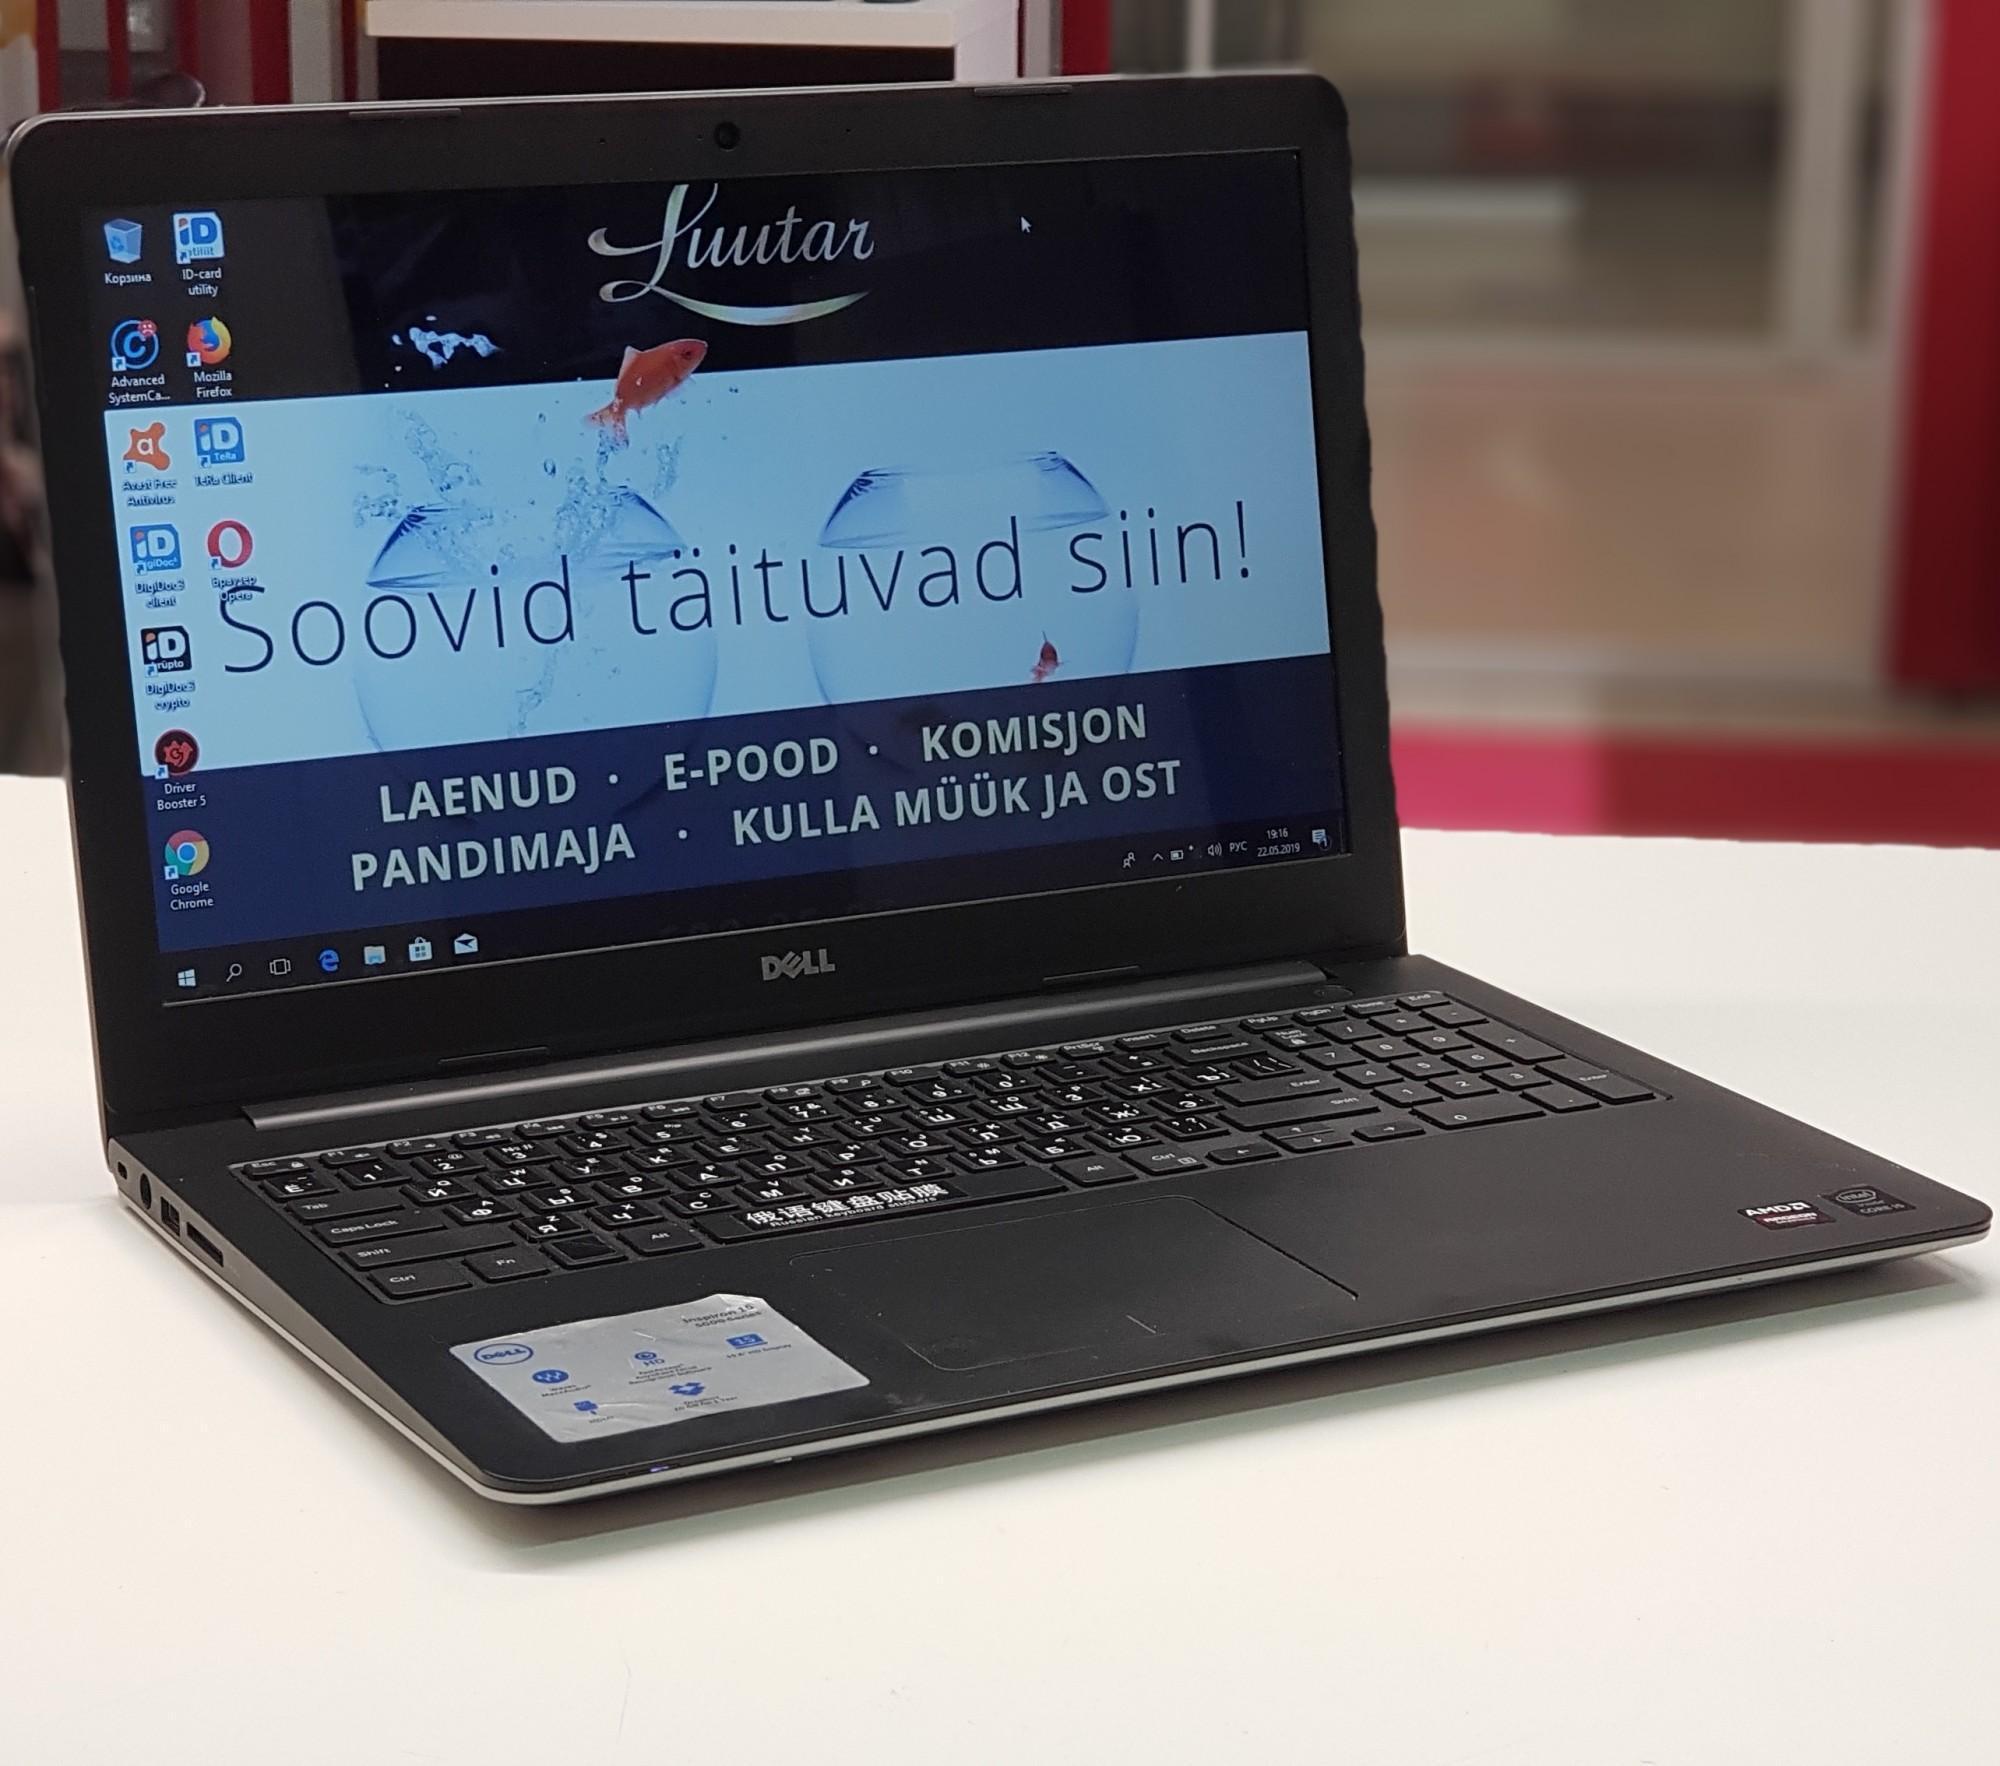 b334fea5500 Sülearvutid Dell Inspirion 15 - Luutar